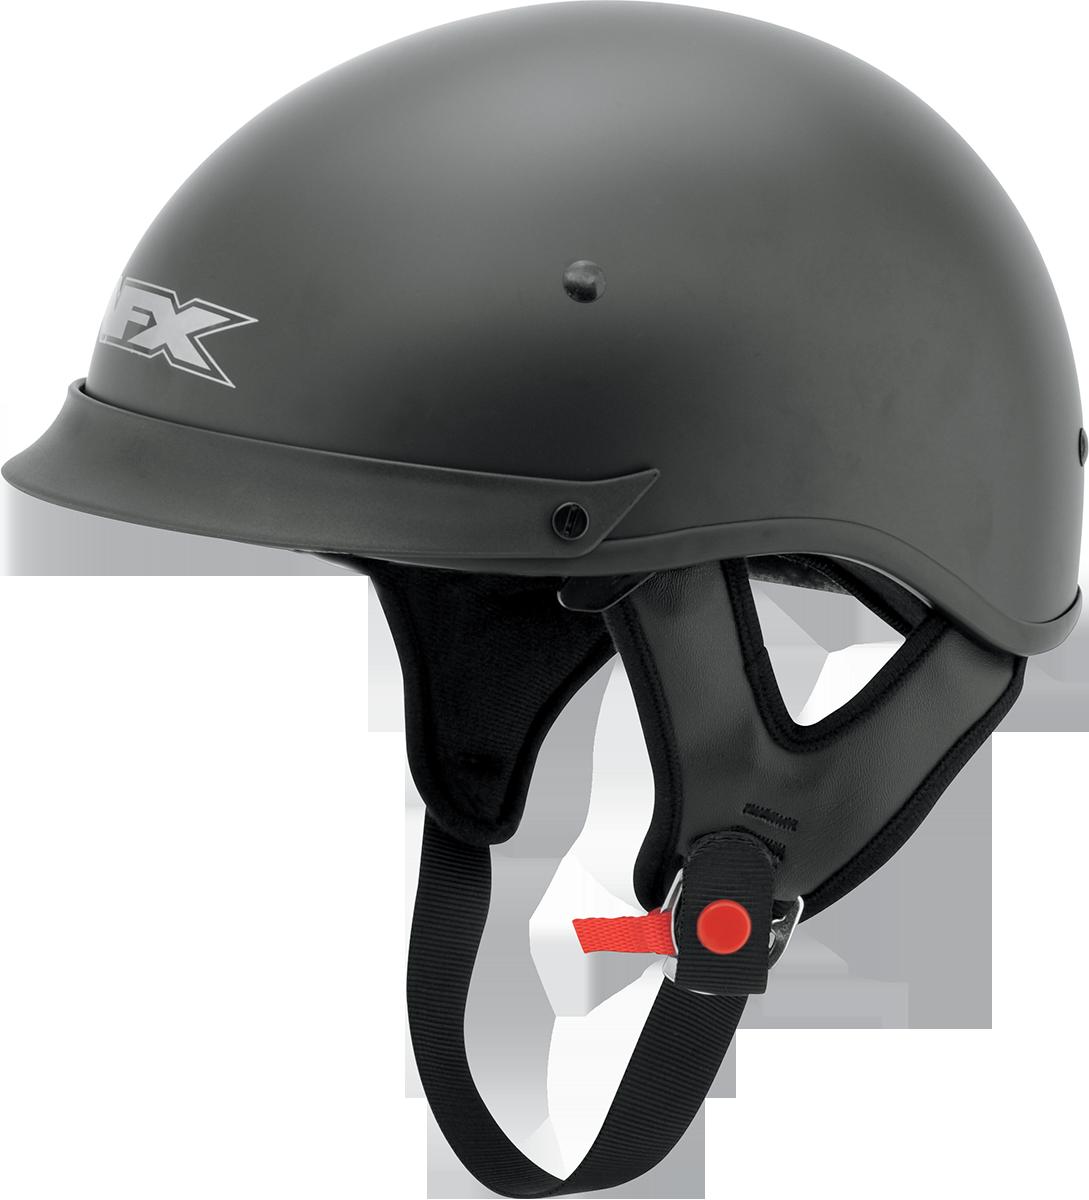 AFX FX72 Flat Large Black Motorcycle Riding Half Helmet & Visor